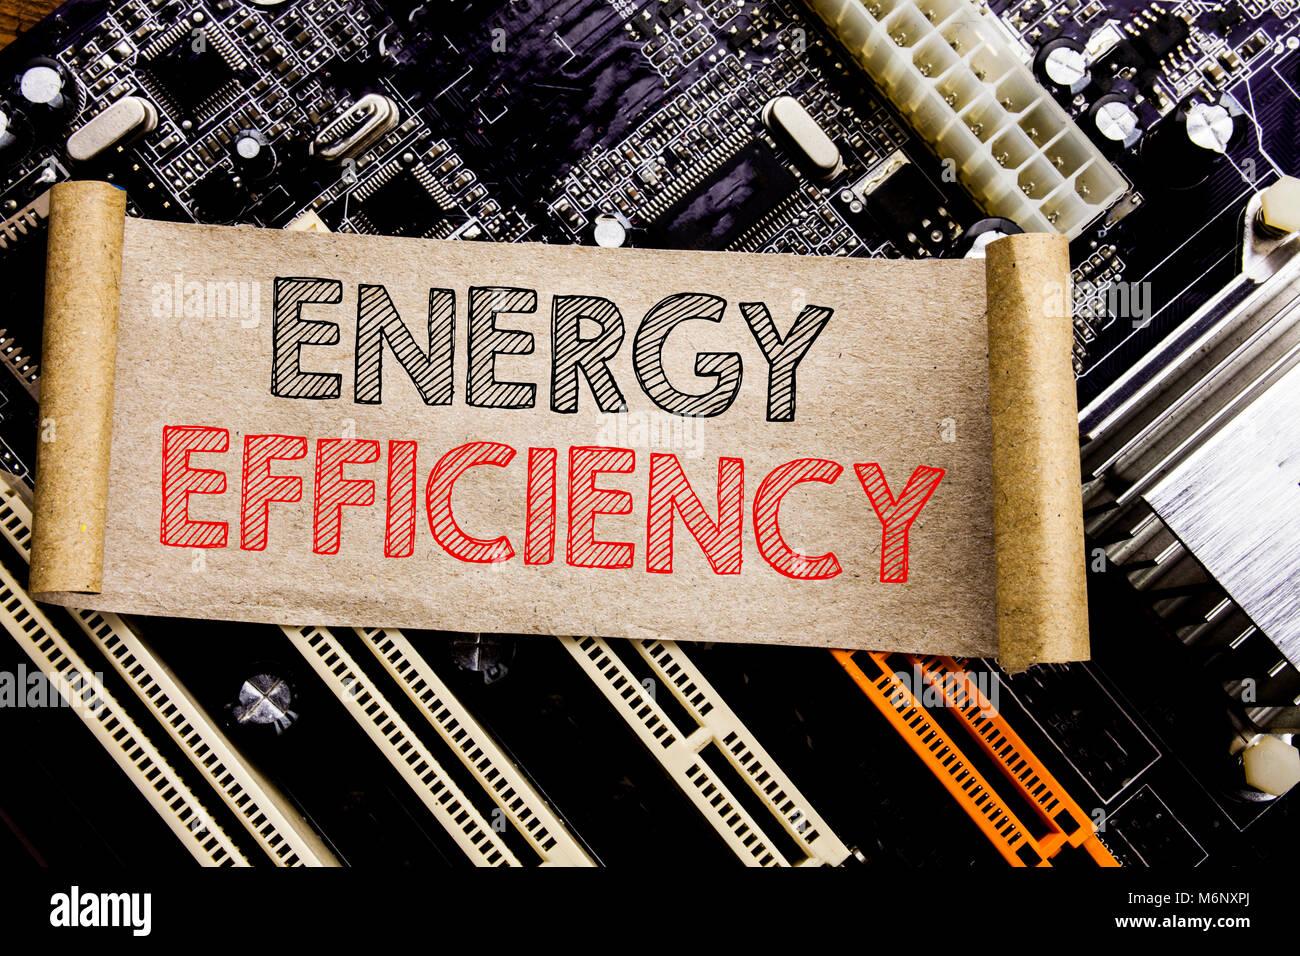 Escritura de texto mostrando la eficiencia energética. Concepto de negocio de electricidad Ecología escrito Imagen De Stock